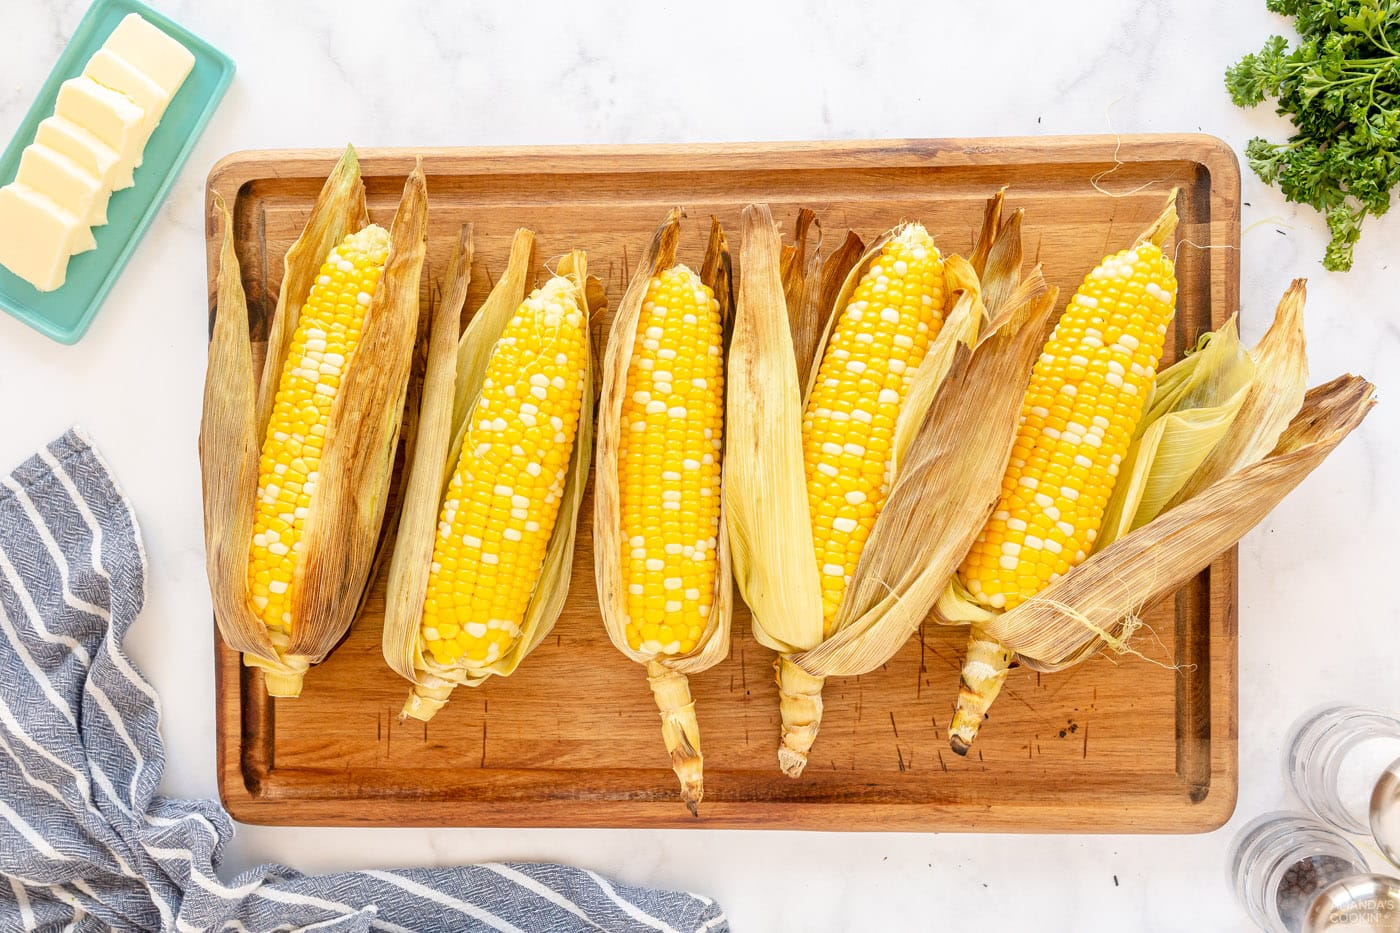 peeled corn on the cob on a cutting board